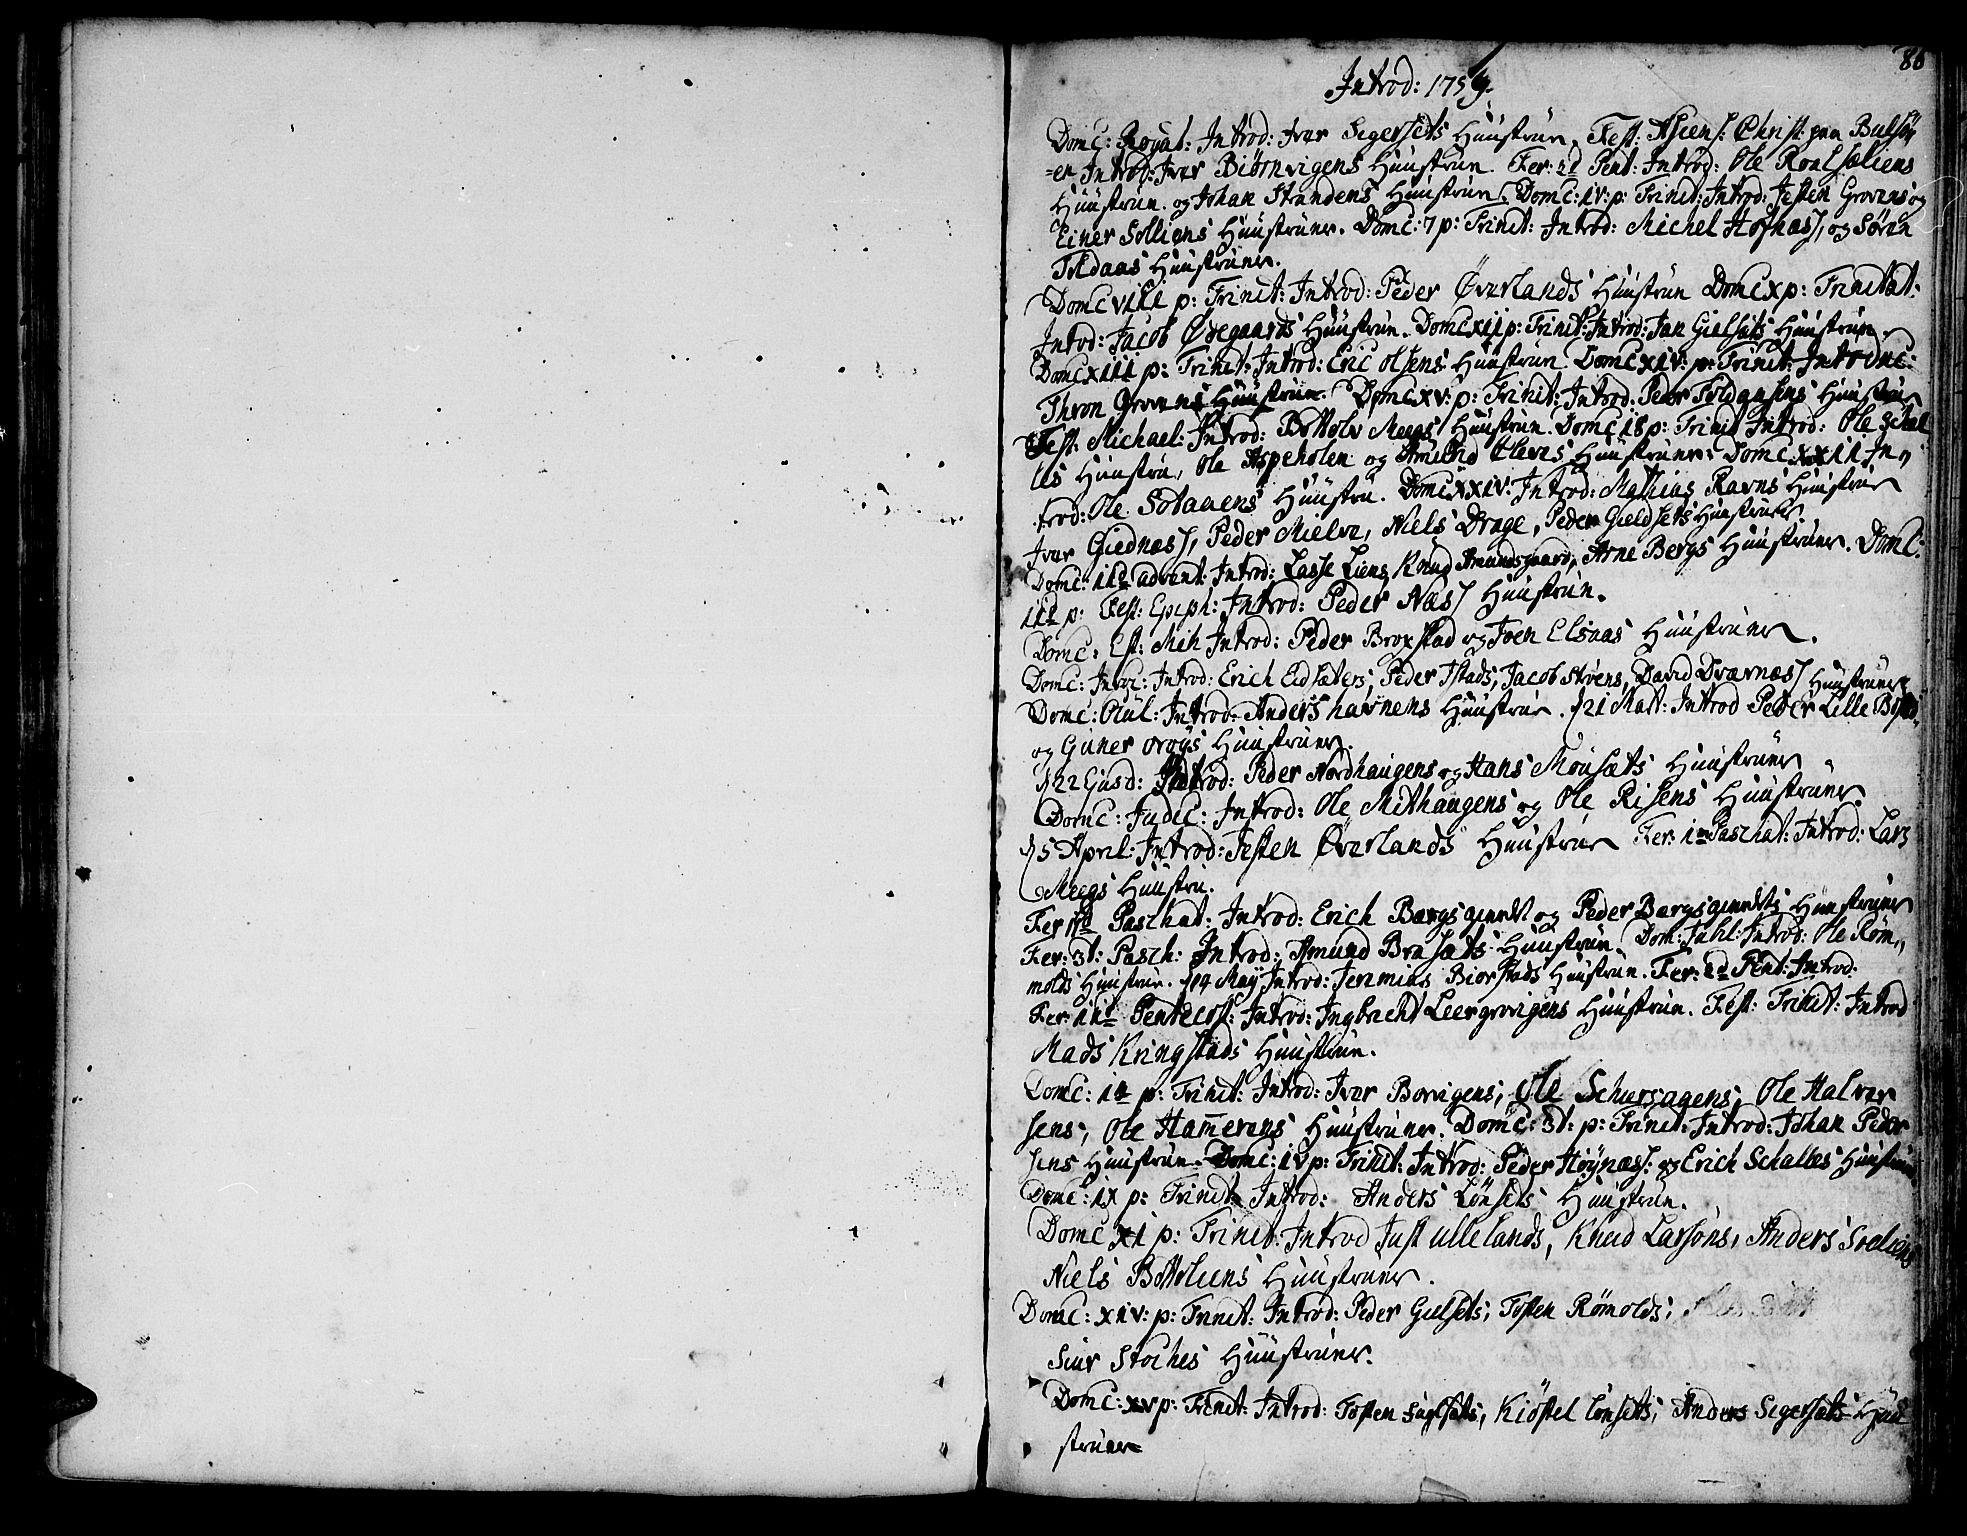 SAT, Ministerialprotokoller, klokkerbøker og fødselsregistre - Møre og Romsdal, 555/L0648: Ministerialbok nr. 555A01, 1759-1793, s. 86